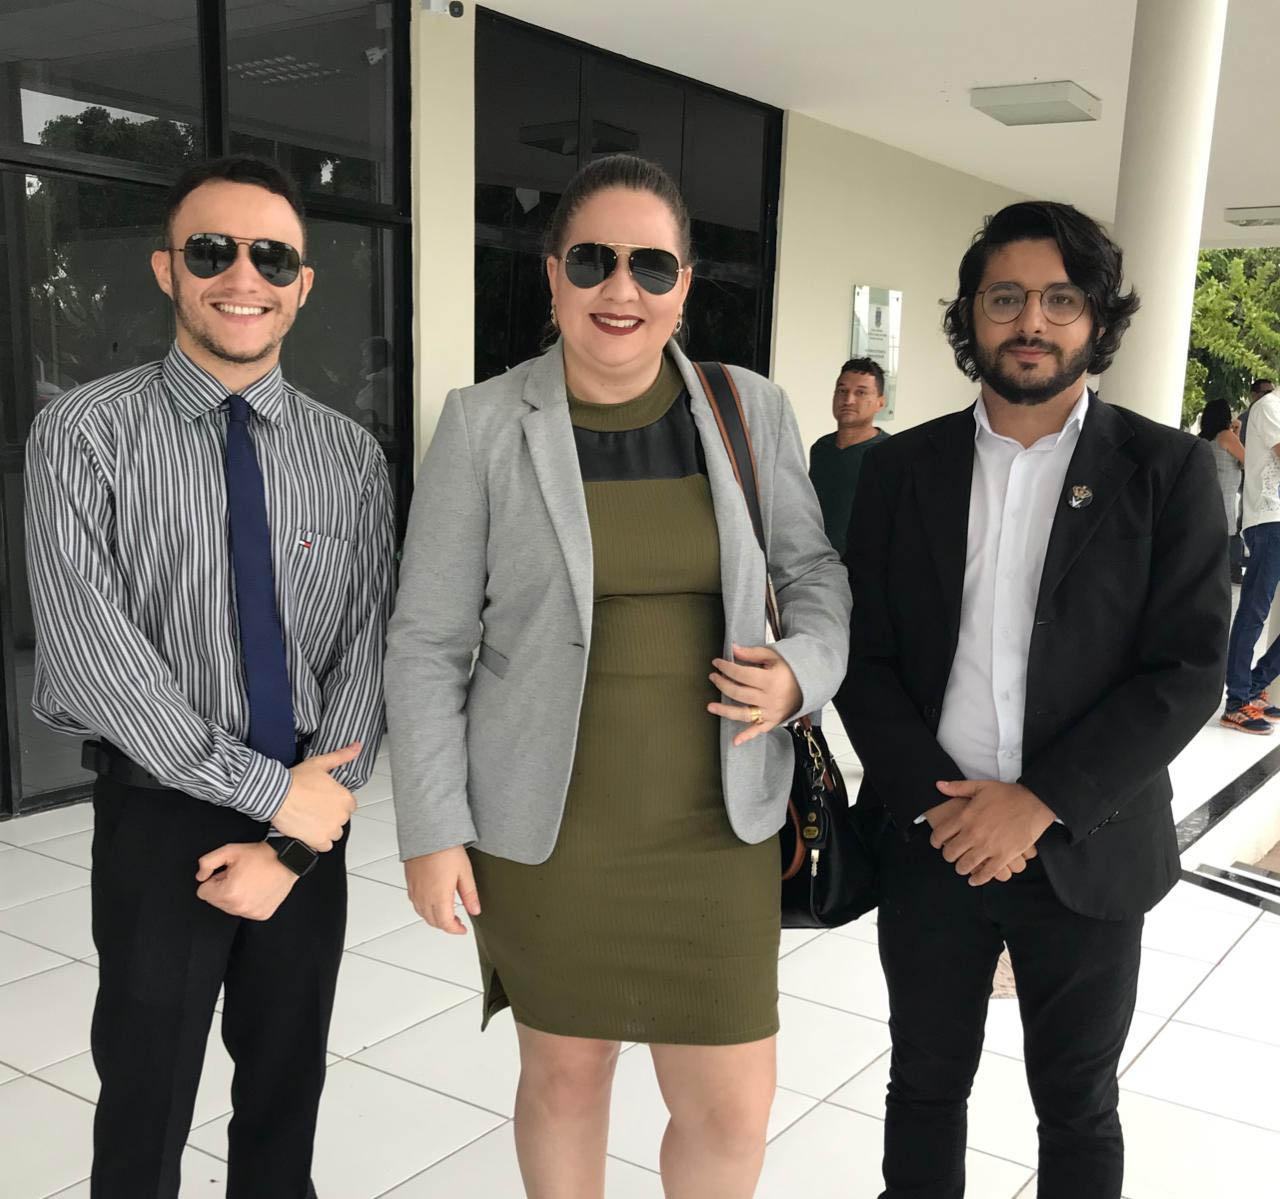 Projeto elaborado por psicólogos e advogados irá realizar mudança de nome de mulheres trans na cidade de Sousa – OUÇA - Foto: reprodução